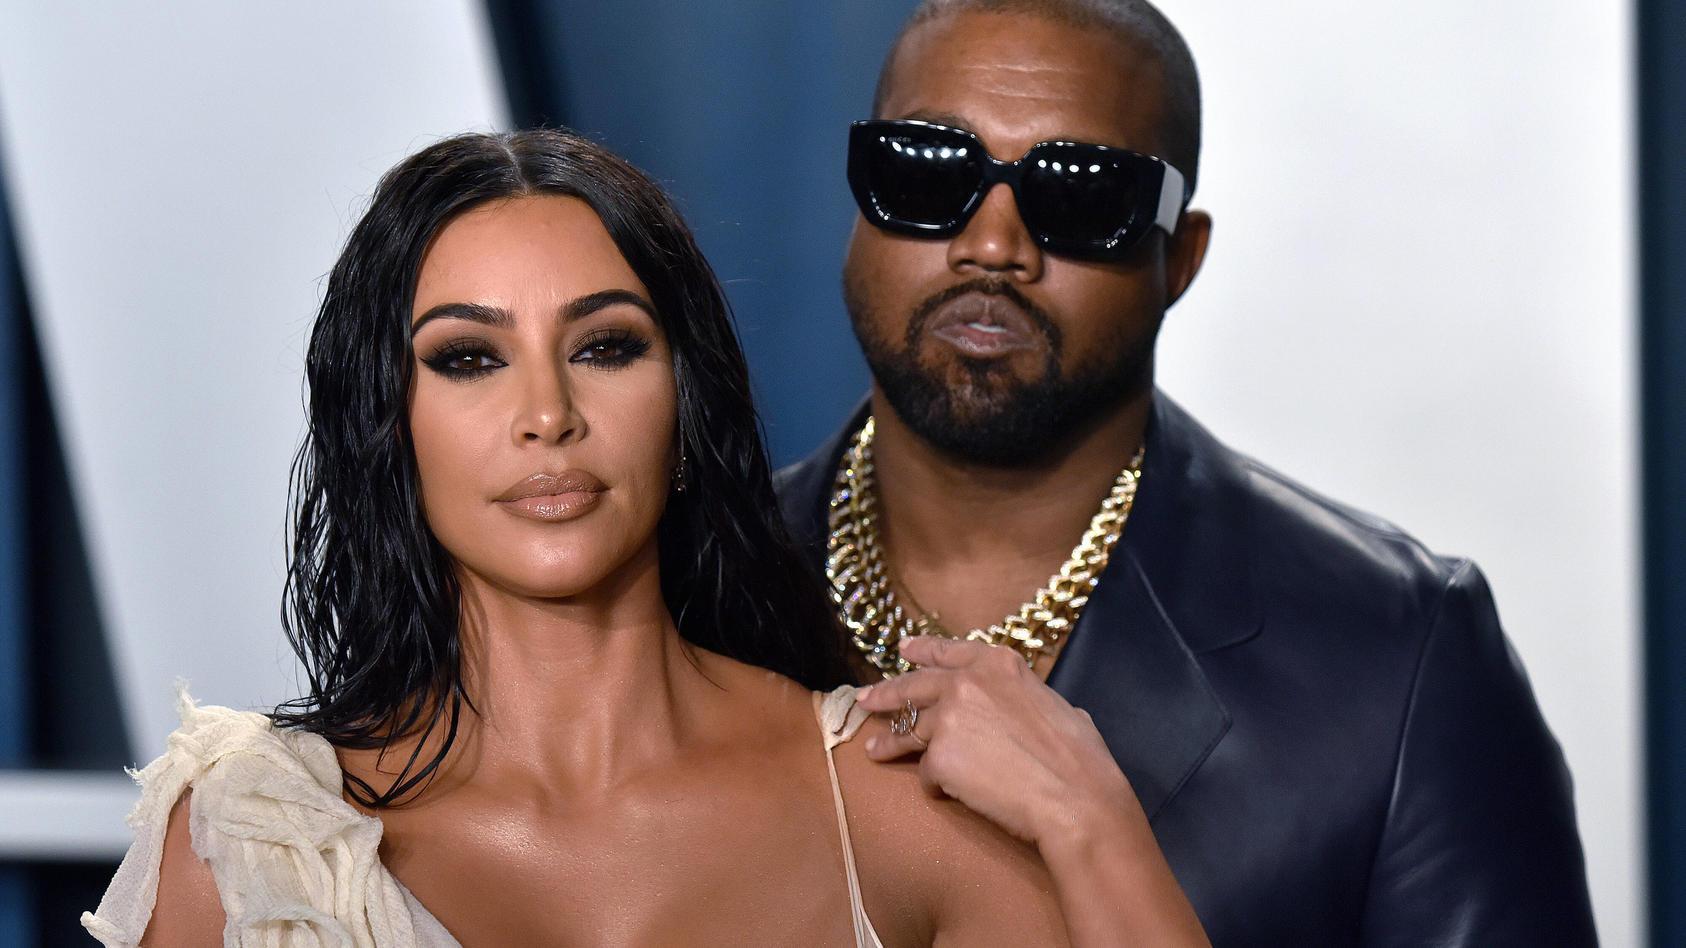 Kim Kardashian und Kanye West waren lange ein Paar, jetzt ist alles aus.